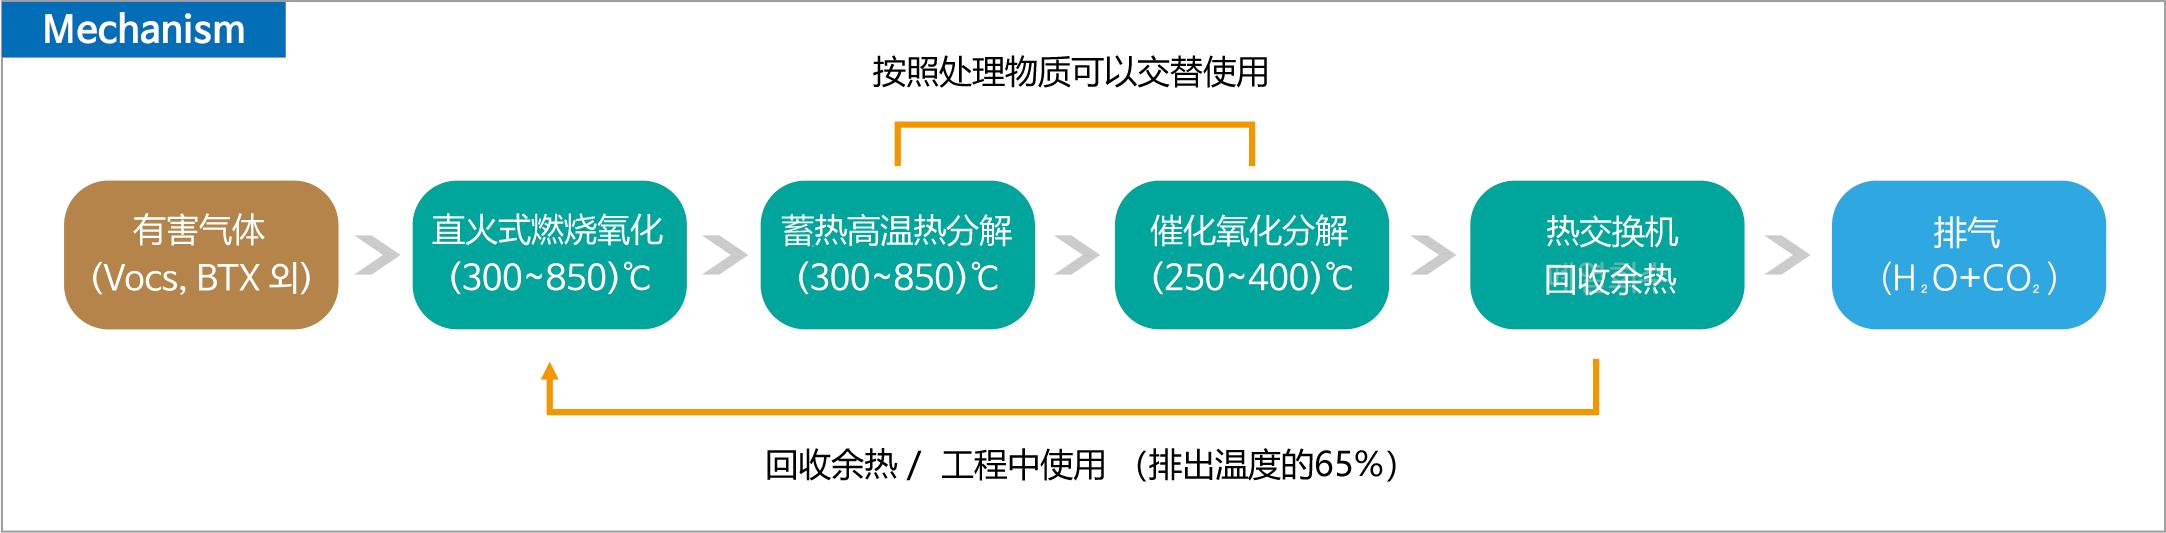 催化氧化系统 (CTO) 废气处理系统